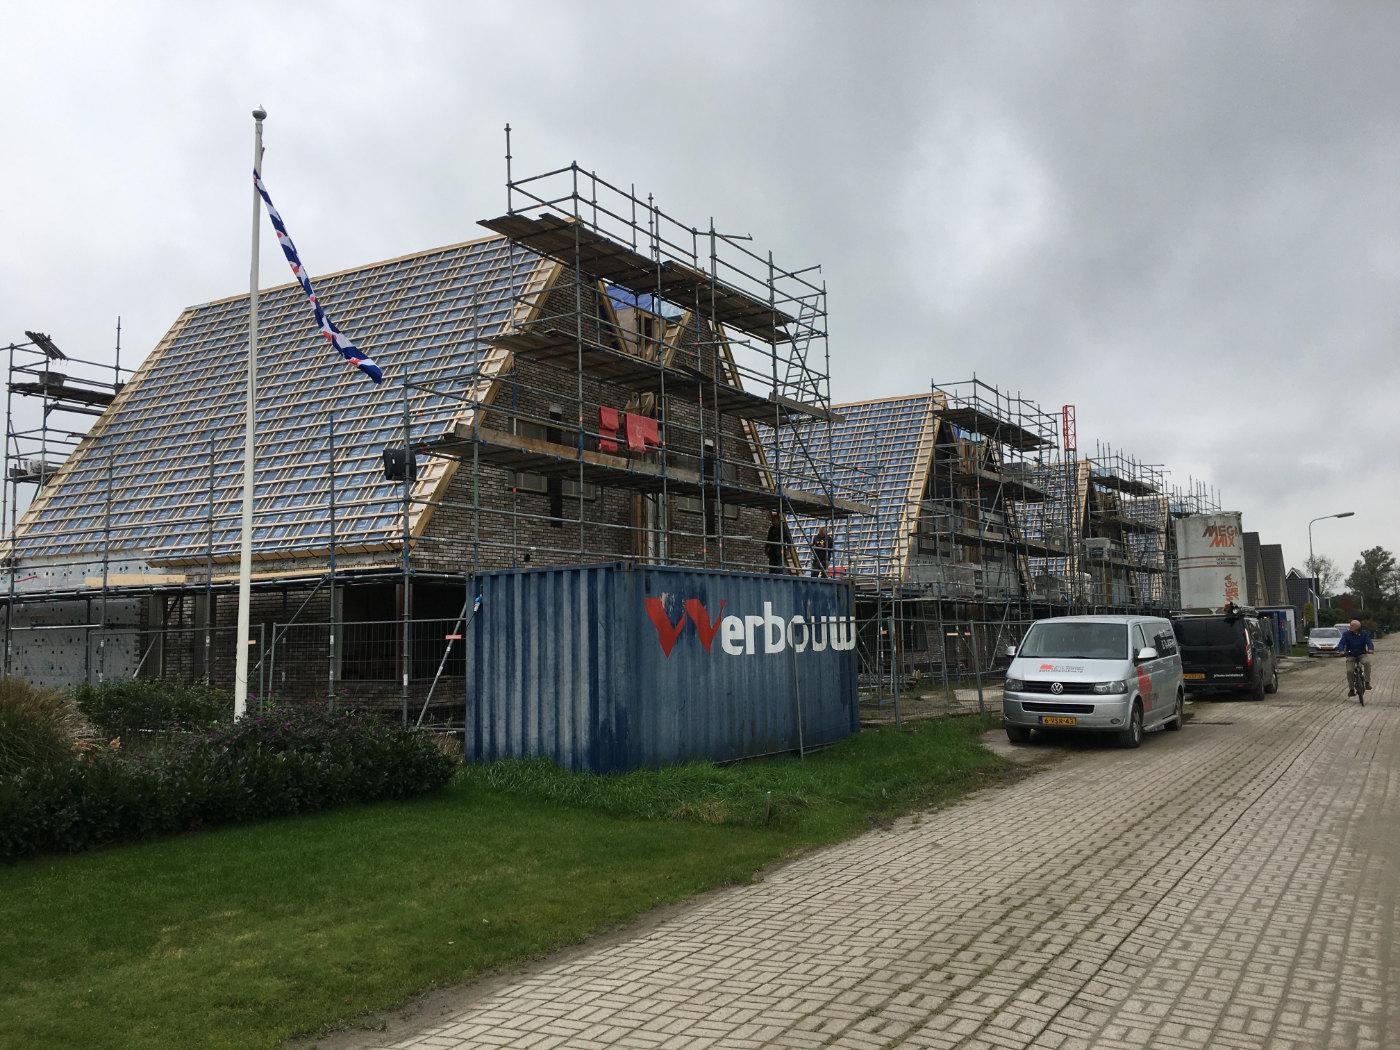 Werbouw Dyksfeart woningen in aanbouw